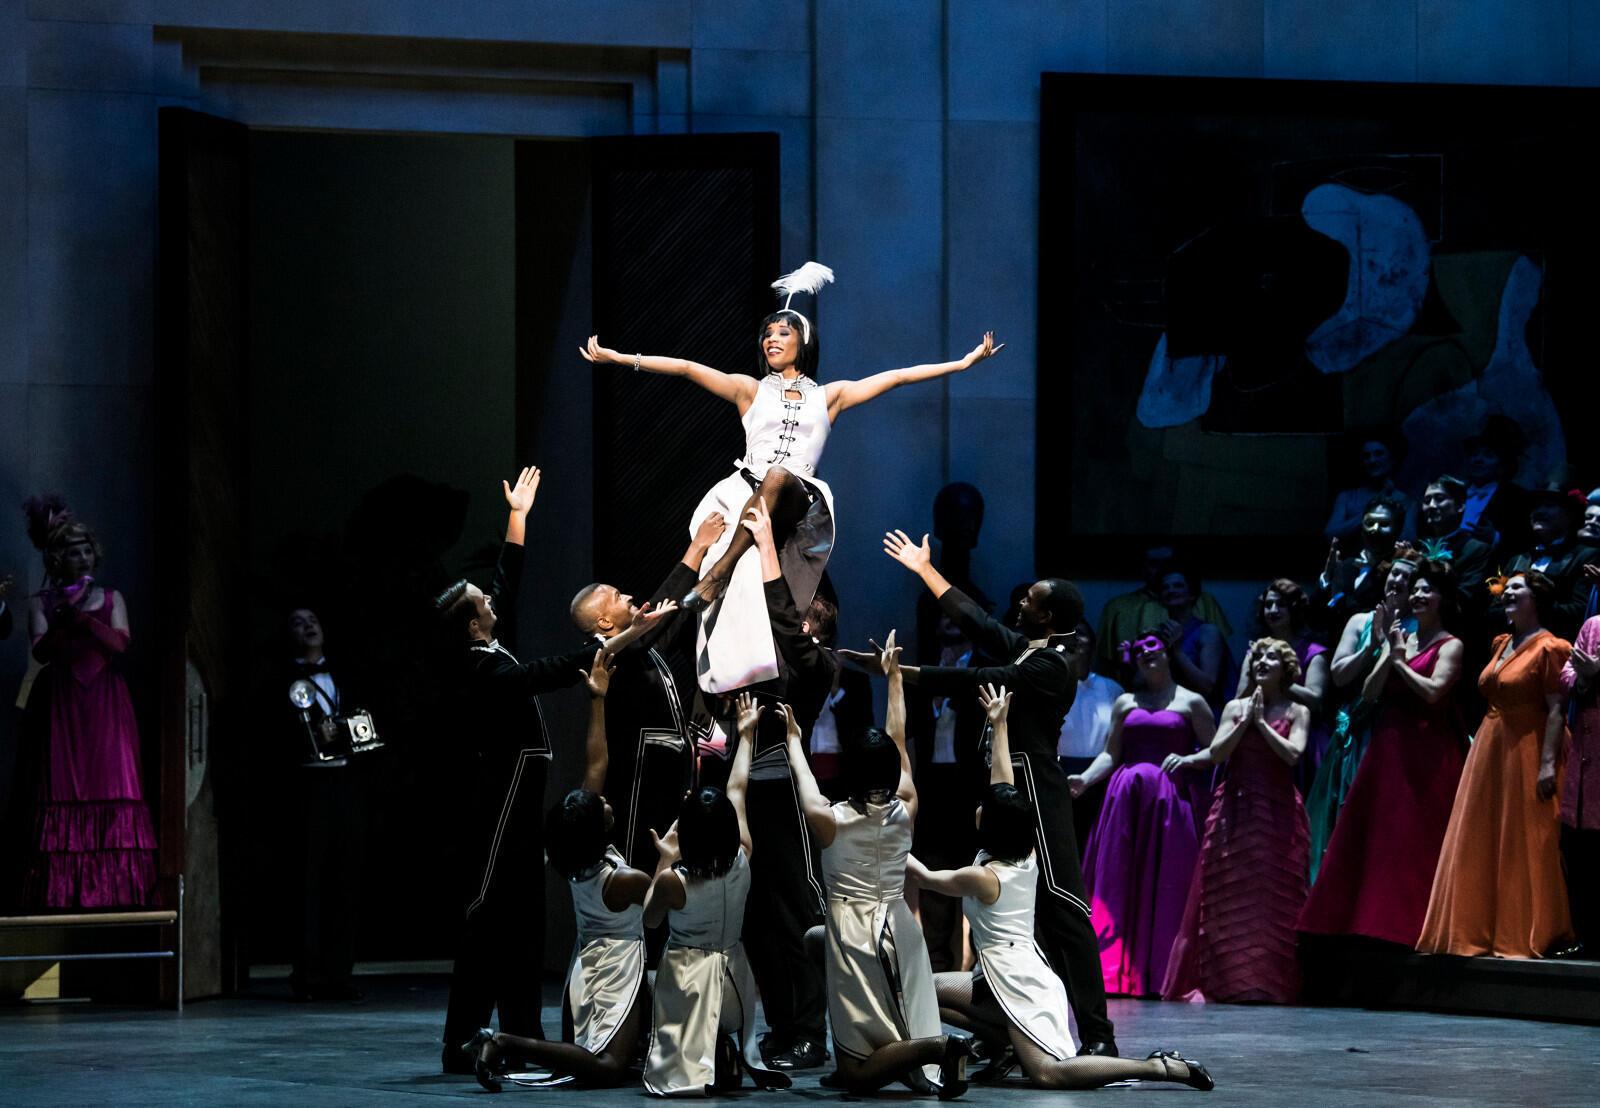 Julien_Benhamou___Opera_national_de_Paris-Manon-19-20---Julien-Benhamou-OnP--26--1600px